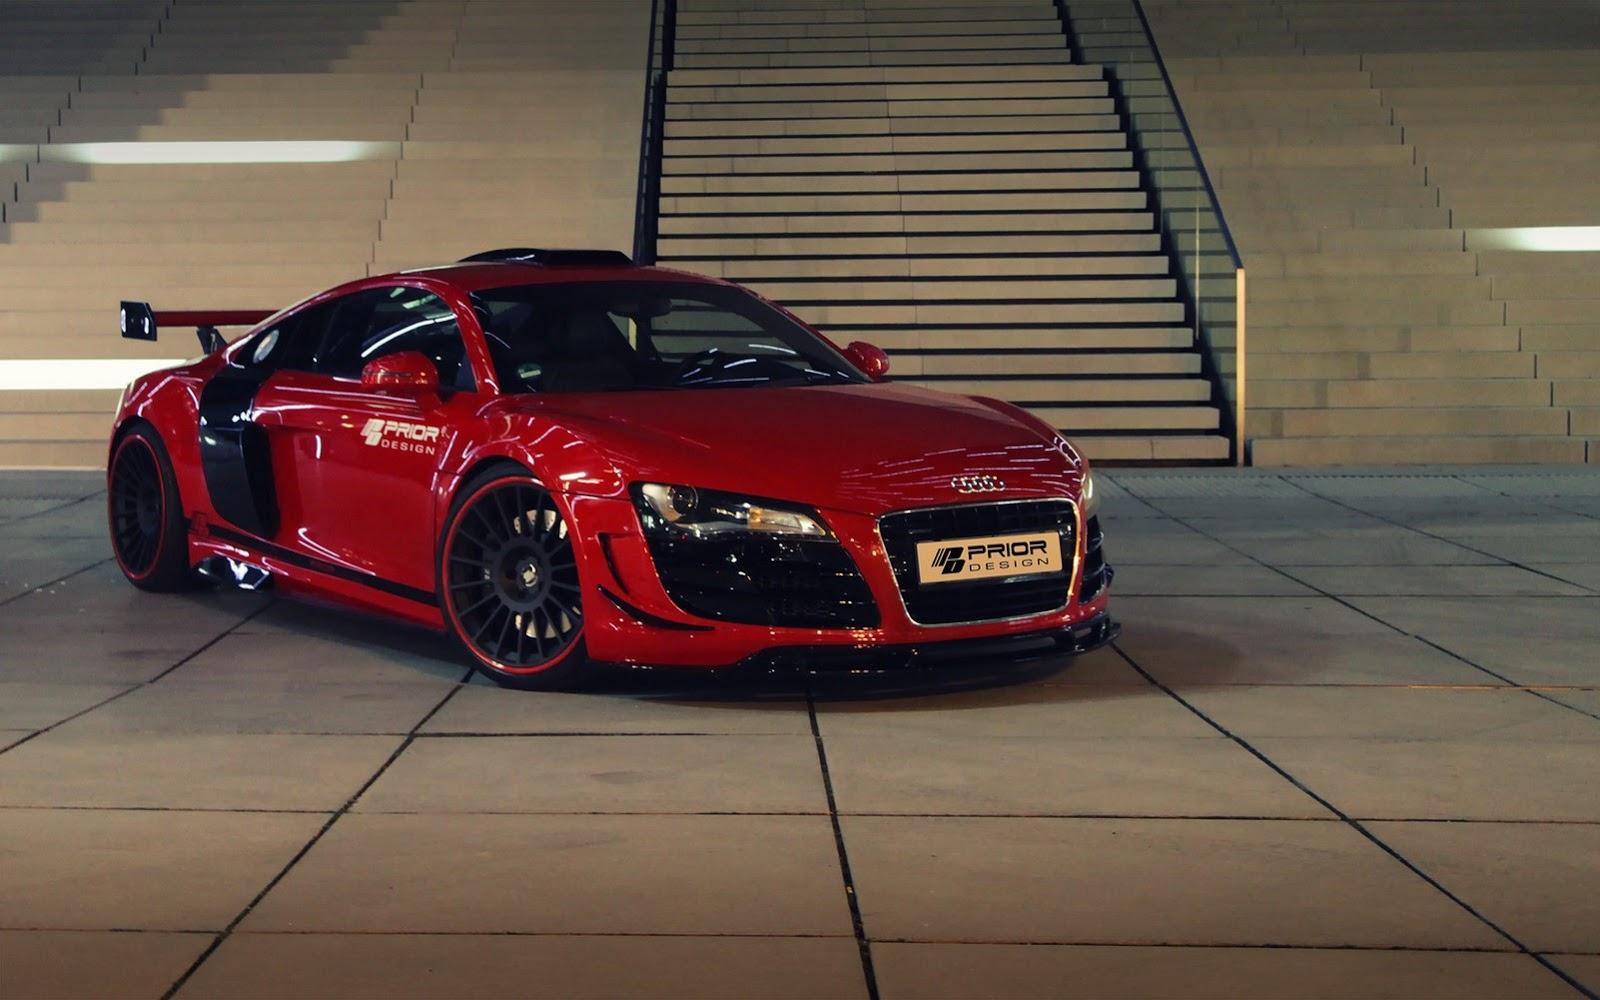 Audi R8 V10 Newsautomagz Blo Review